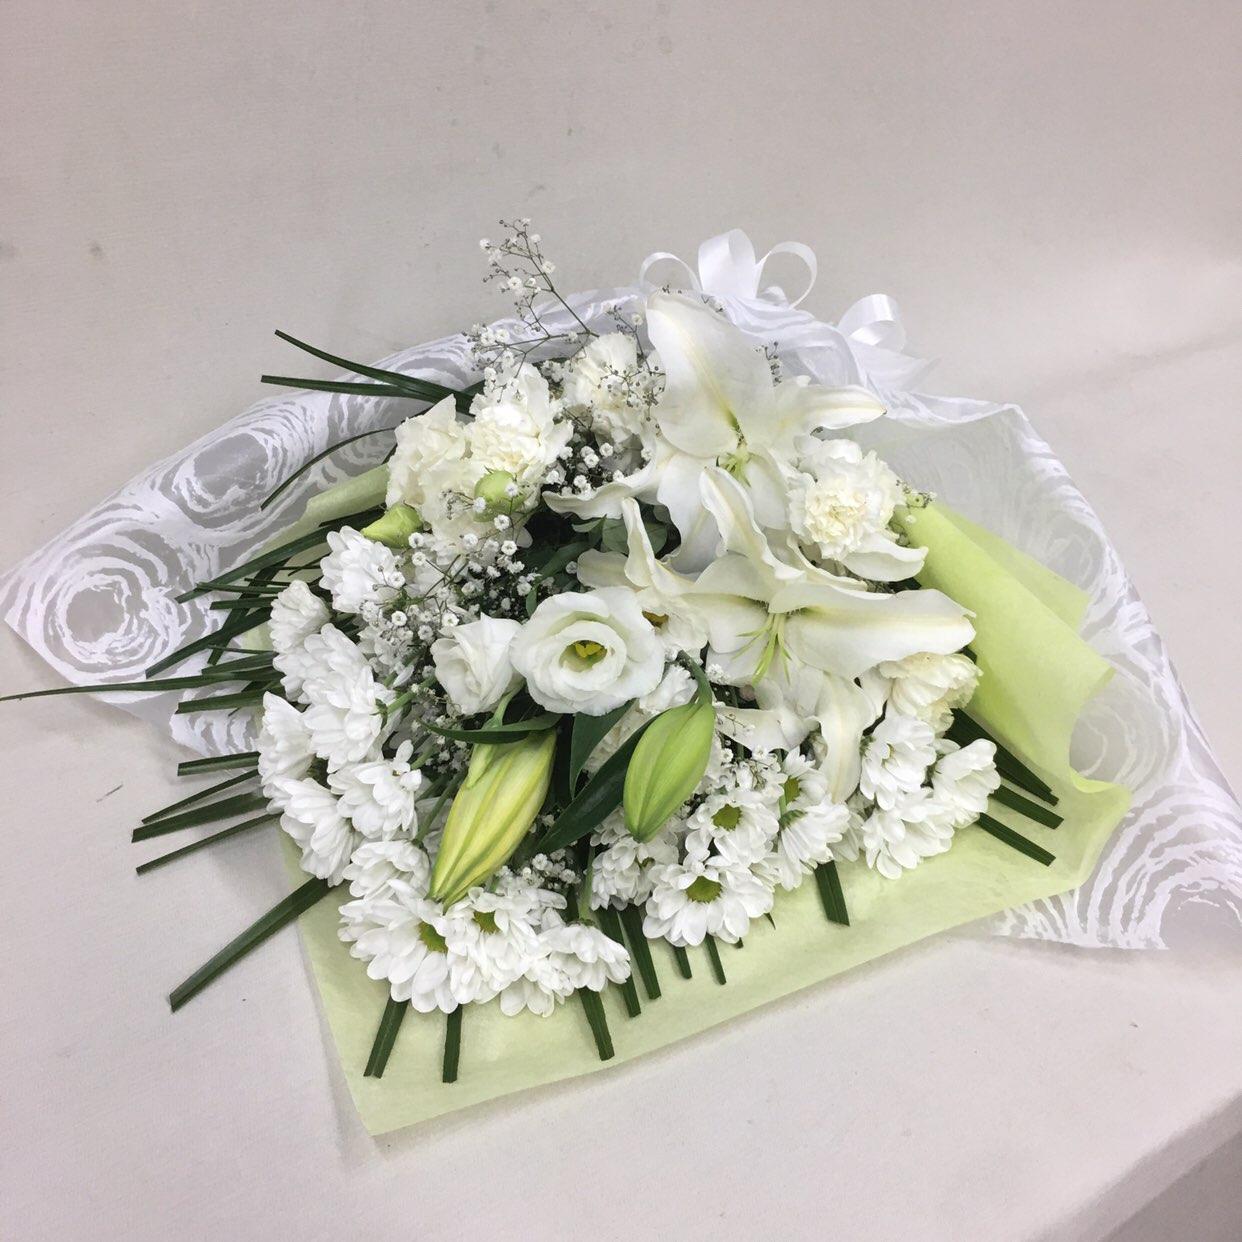 3329 【供花】ユリとカーネーションの花束W(H60) Cスタイル